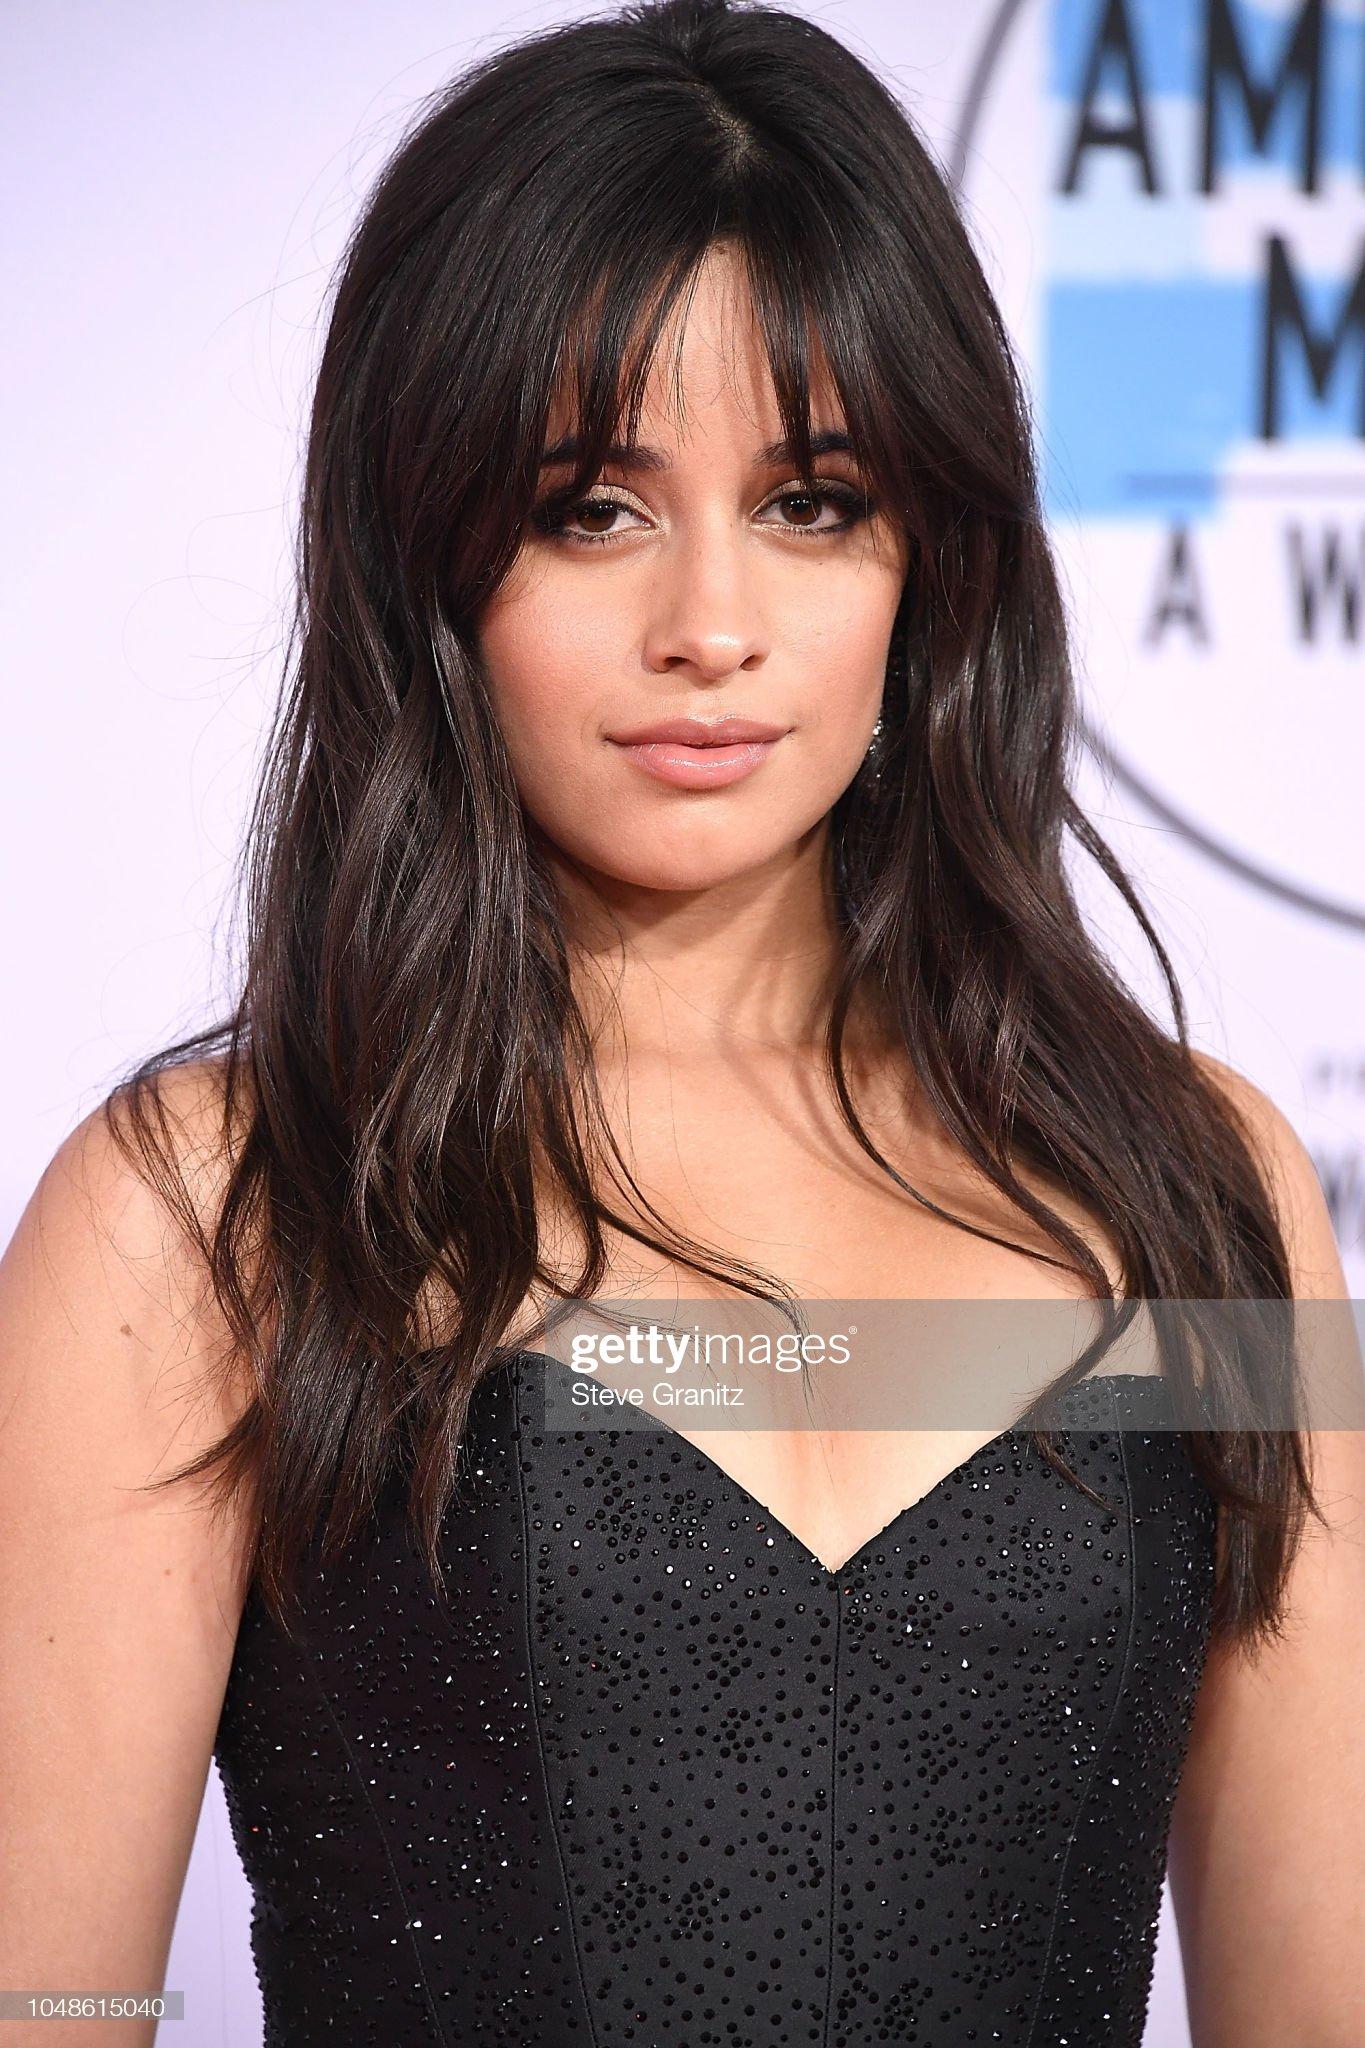 Ojos marrones - Personas famosas con los ojos de color MARRÓN Camila-cabello-arrives-at-the-2018-american-music-awards-at-microsoft-picture-id1048615040?s=2048x2048